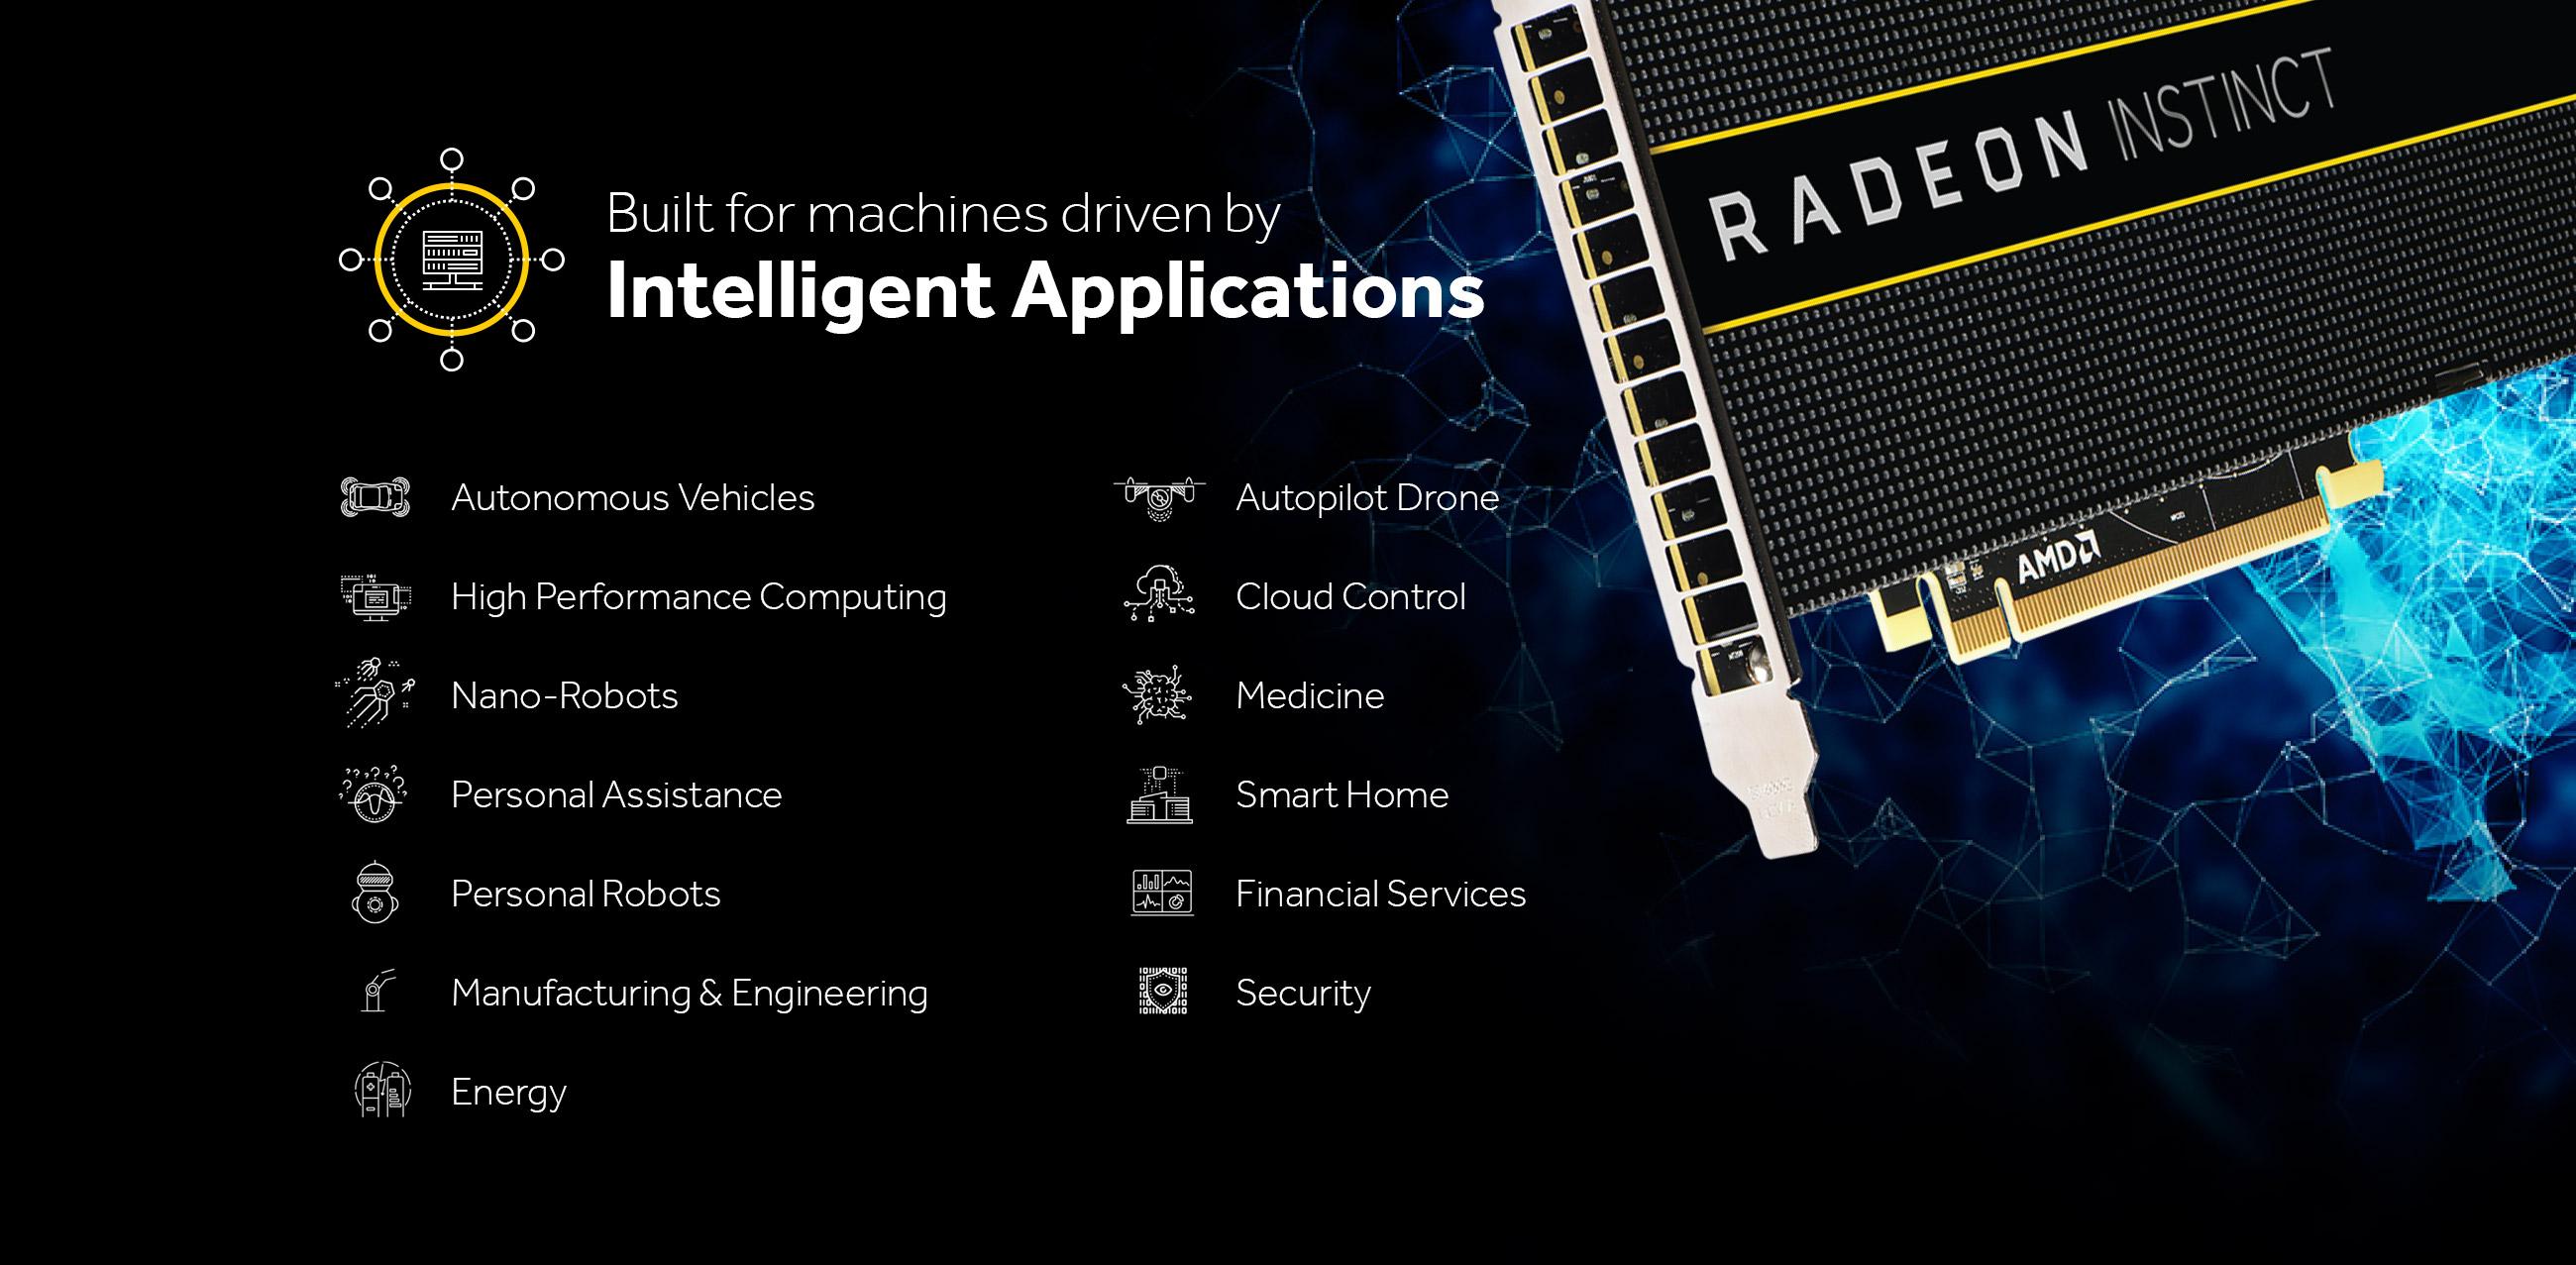 Masinile inteligente mai aproape de noi cu Radeon Instinct